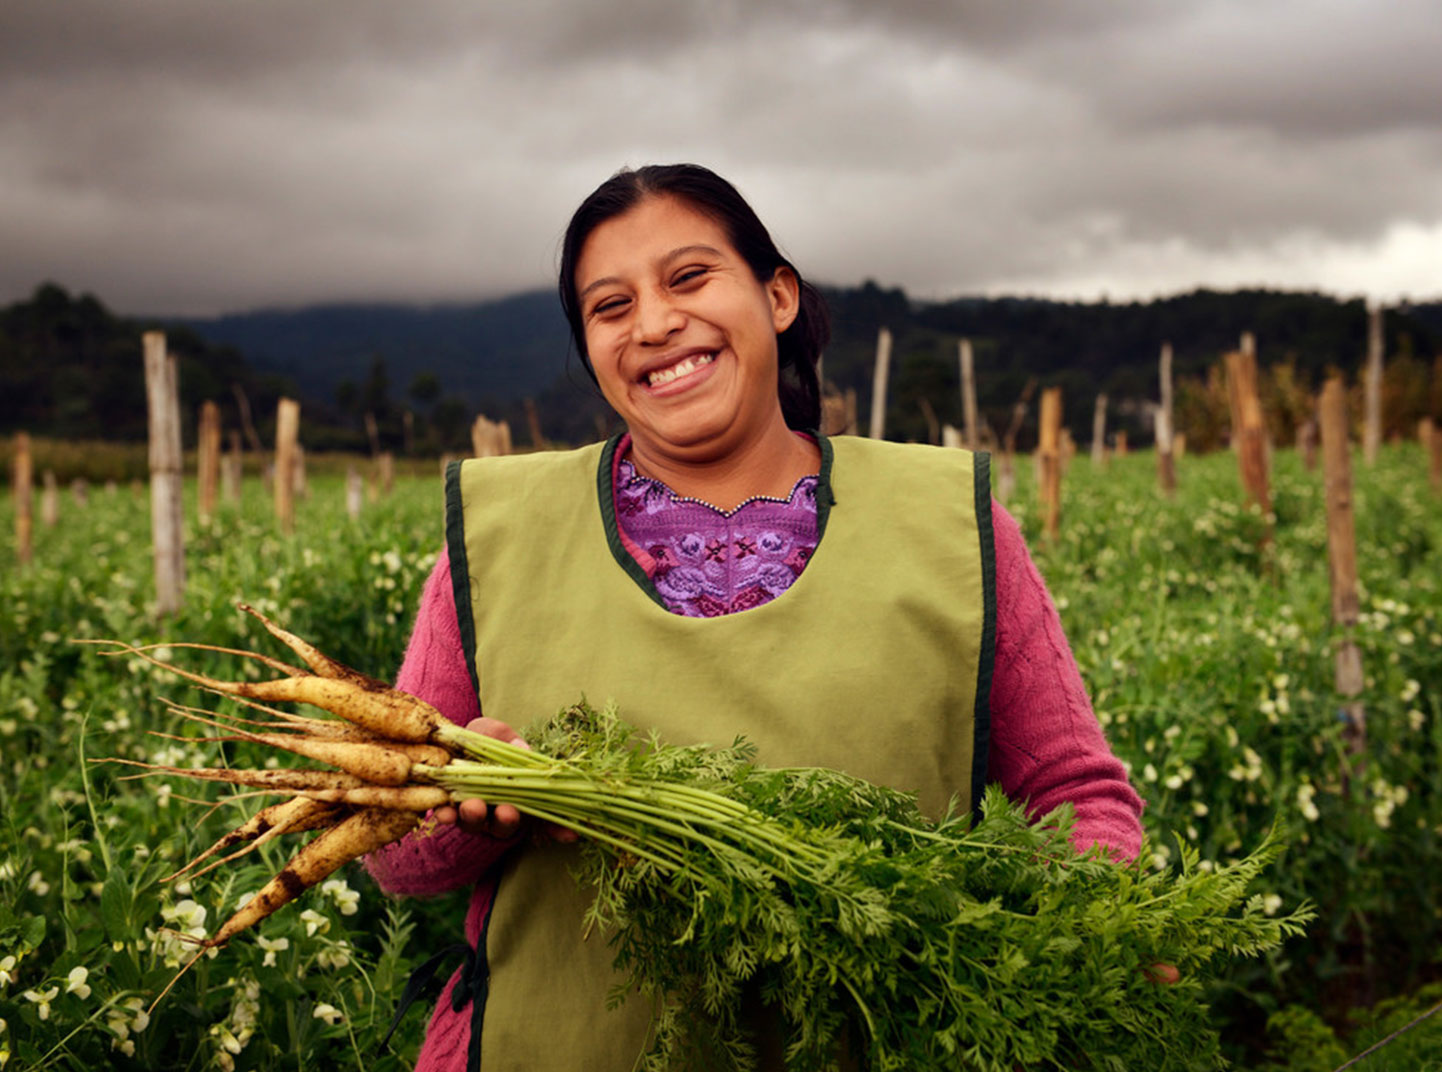 Une femme se tient au milieu d'un grand champ et de poutres tout en montrant des carottes qu'elle vient de sortir de son jardin de culture.